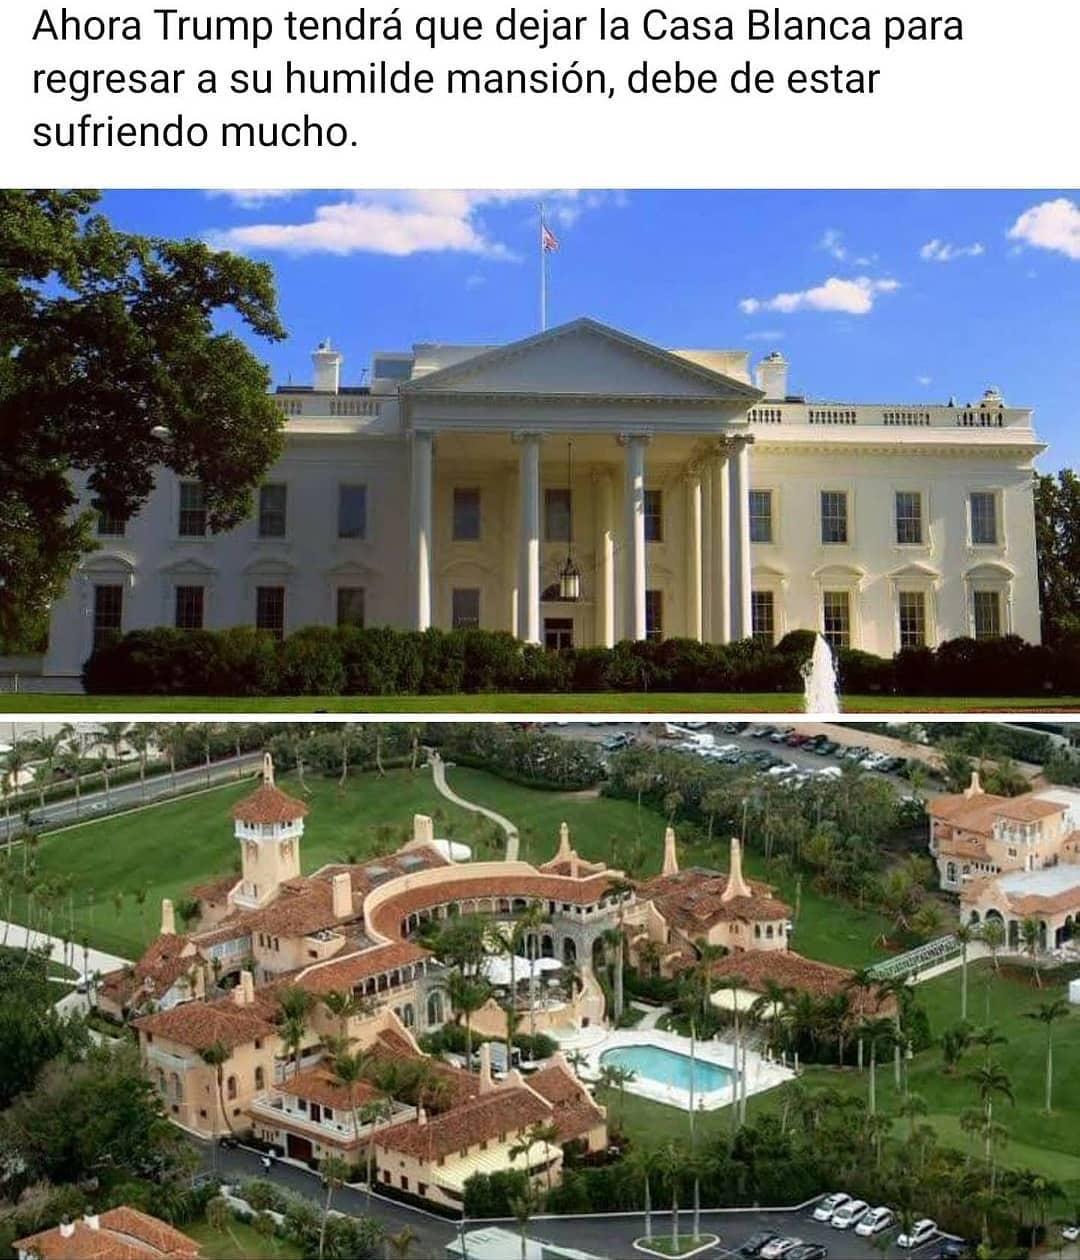 Ahora Trump tendrá que dejar la Casa Blanca para regresar a su humilde mansión, debe de estar sufriendo mucho.